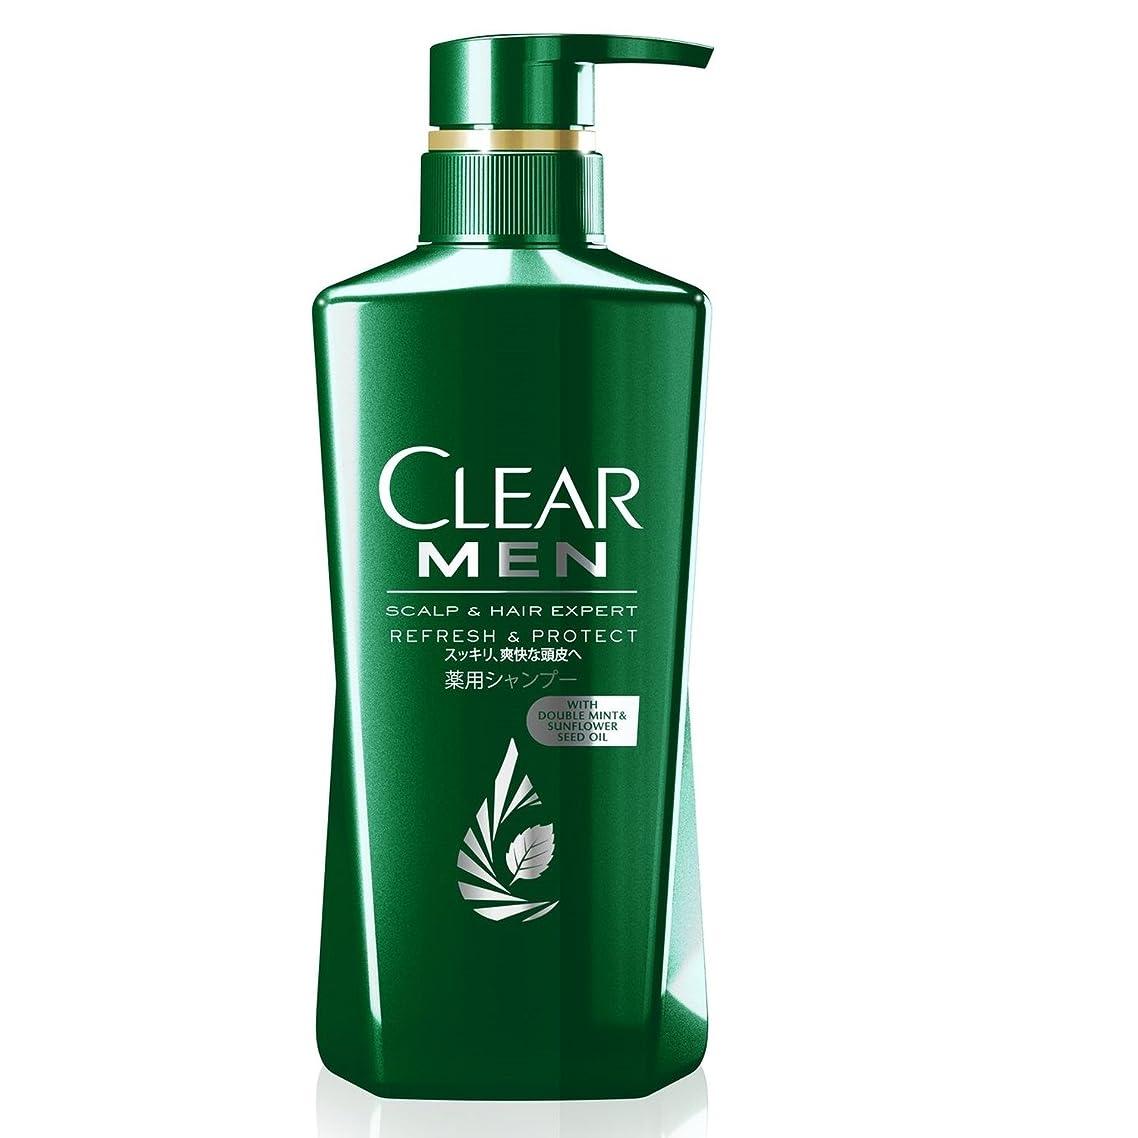 剥離やるのために[医薬部外品] クリア フォーメン リフレッシュ&プロテクト 薬用シャンプー ポンプ (スッキリ、爽快な頭皮へ) 350g